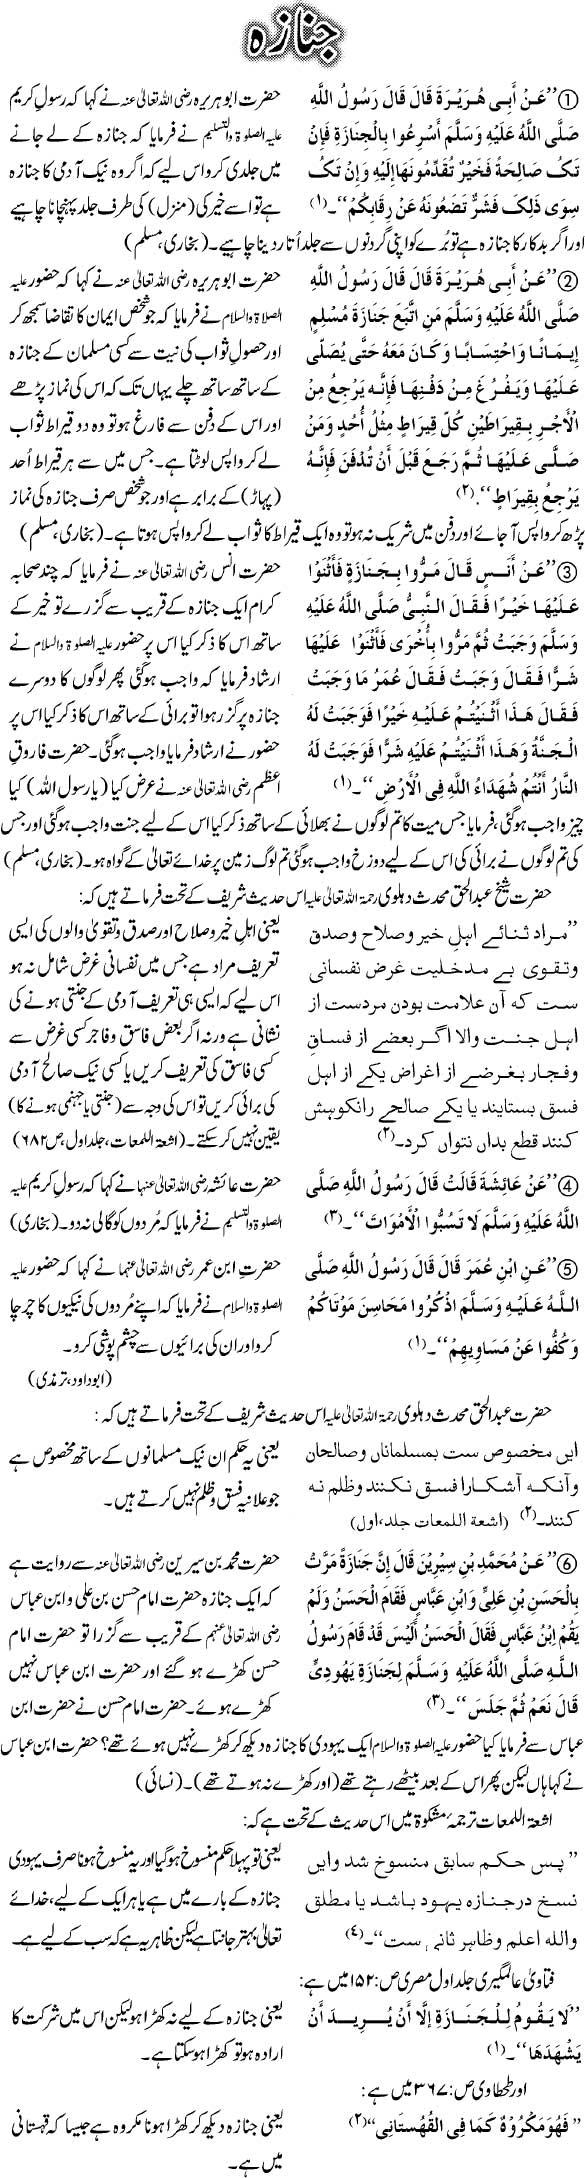 Janaza - Hadith